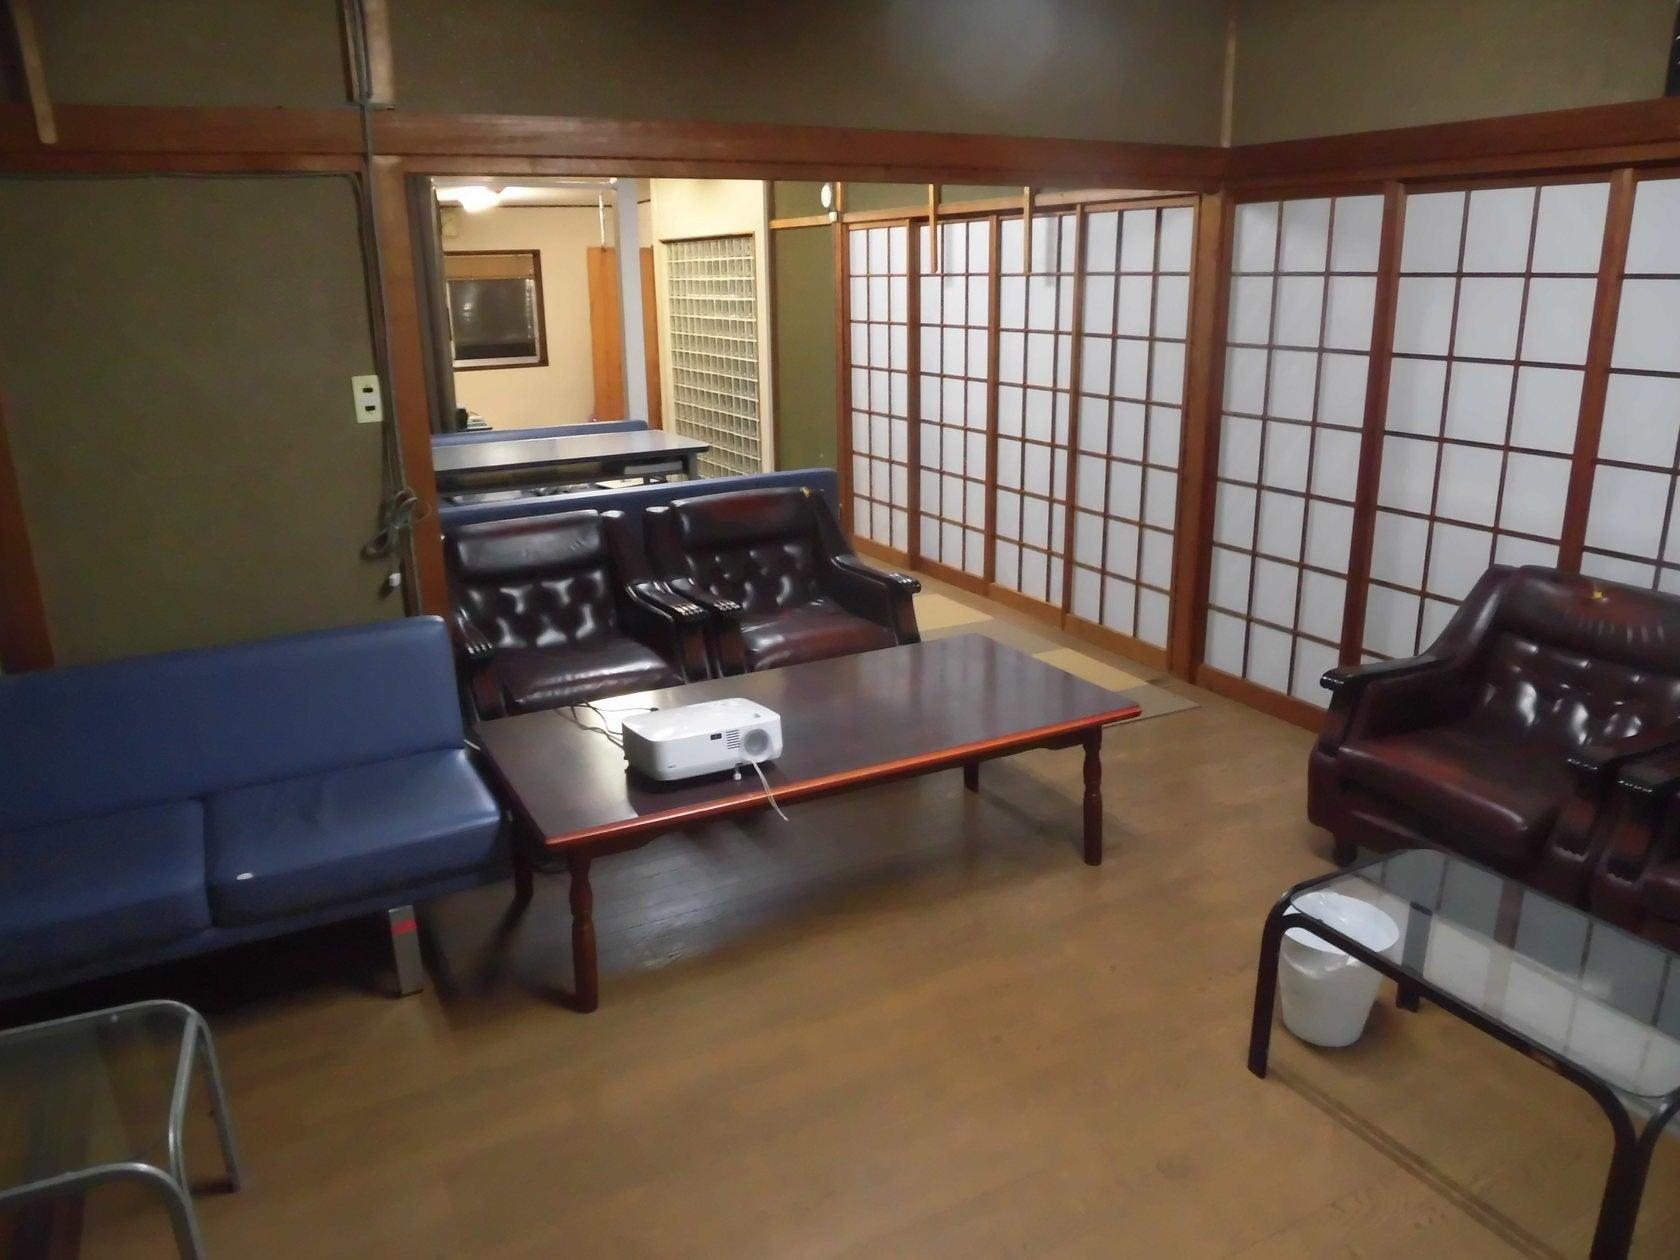 【多目的スペース】マネヤックセミナールーム(【多目的スペース】マネヤックセミナールーム) の写真0